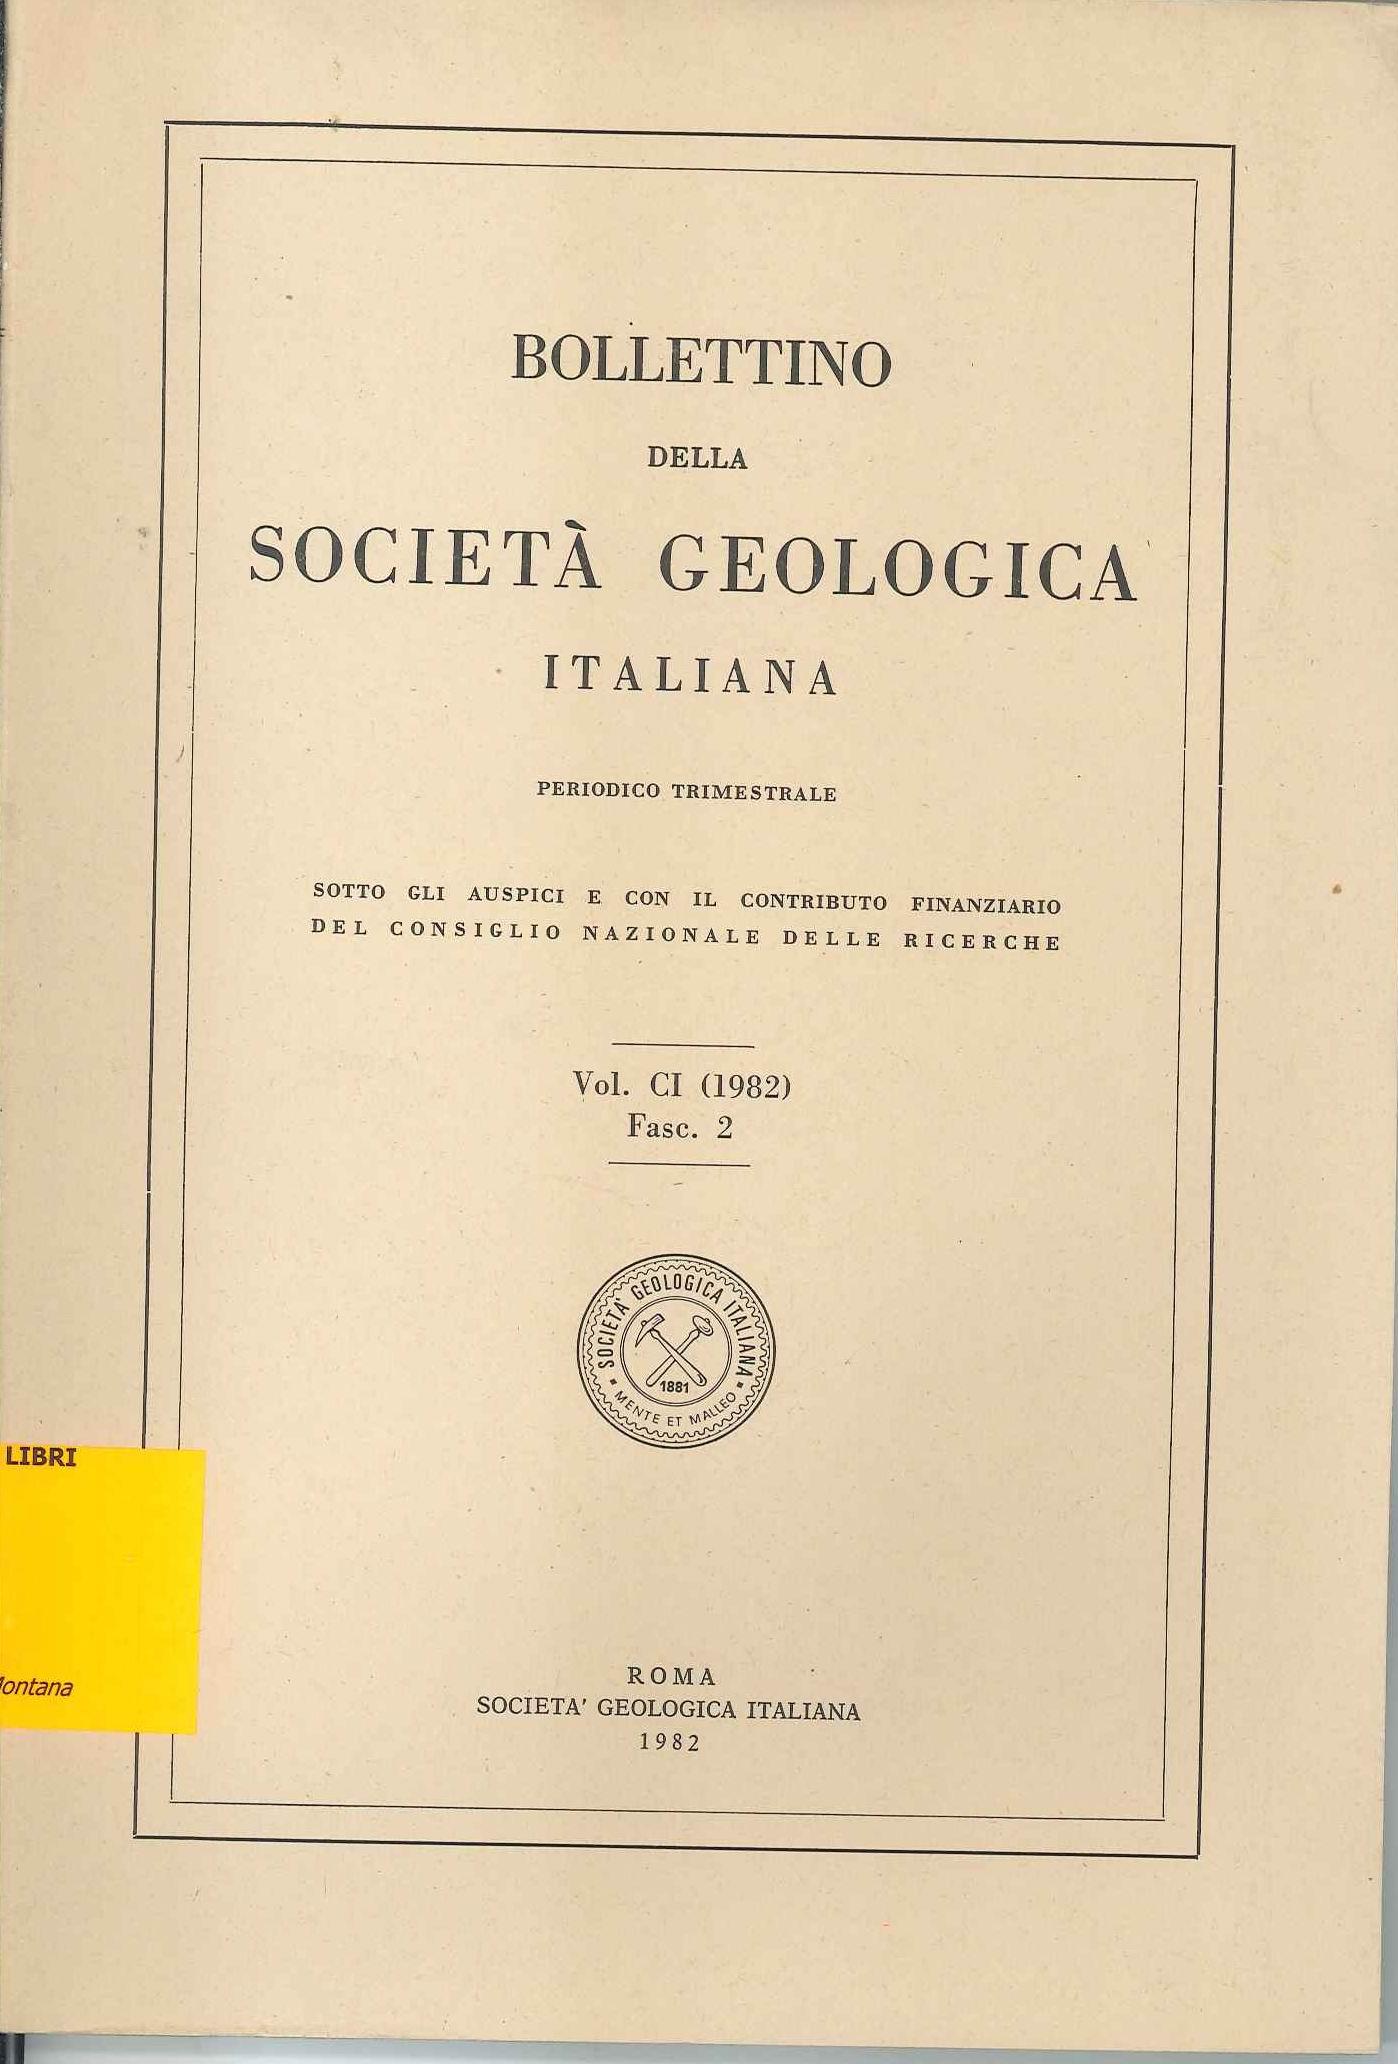 Bollettino della Società Geologica Italiana Vol. CI Fasc. II